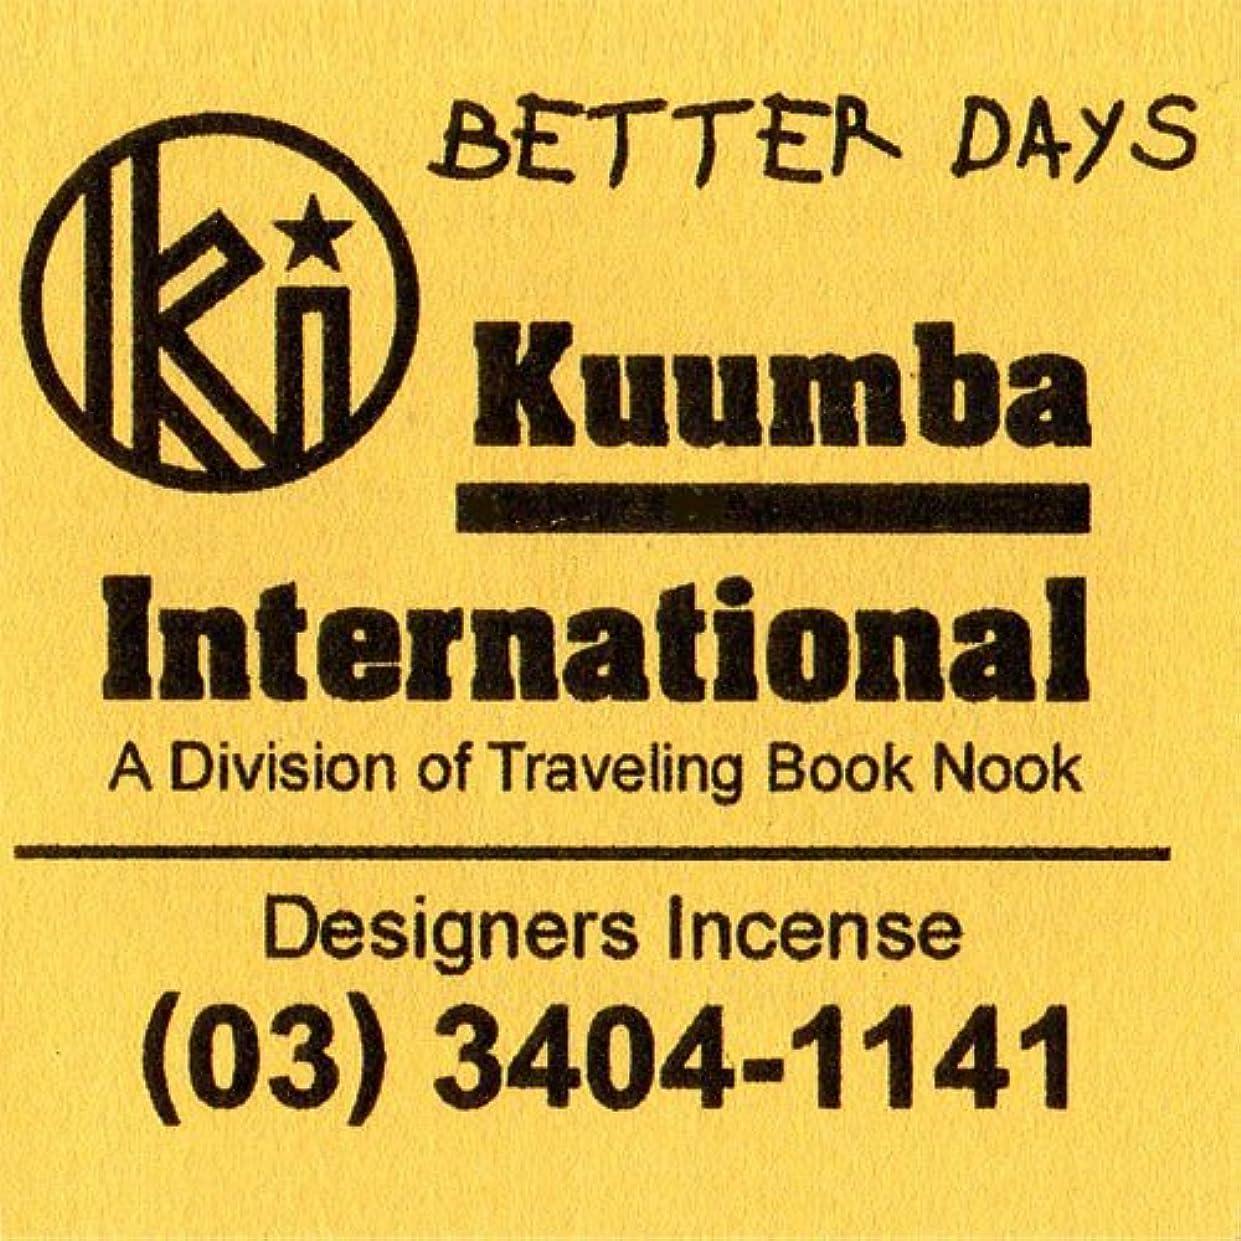 クレーター頭蓋骨ディーラーKUUMBA/クンバ『incense』(BETTER DAYS) (Regular size)